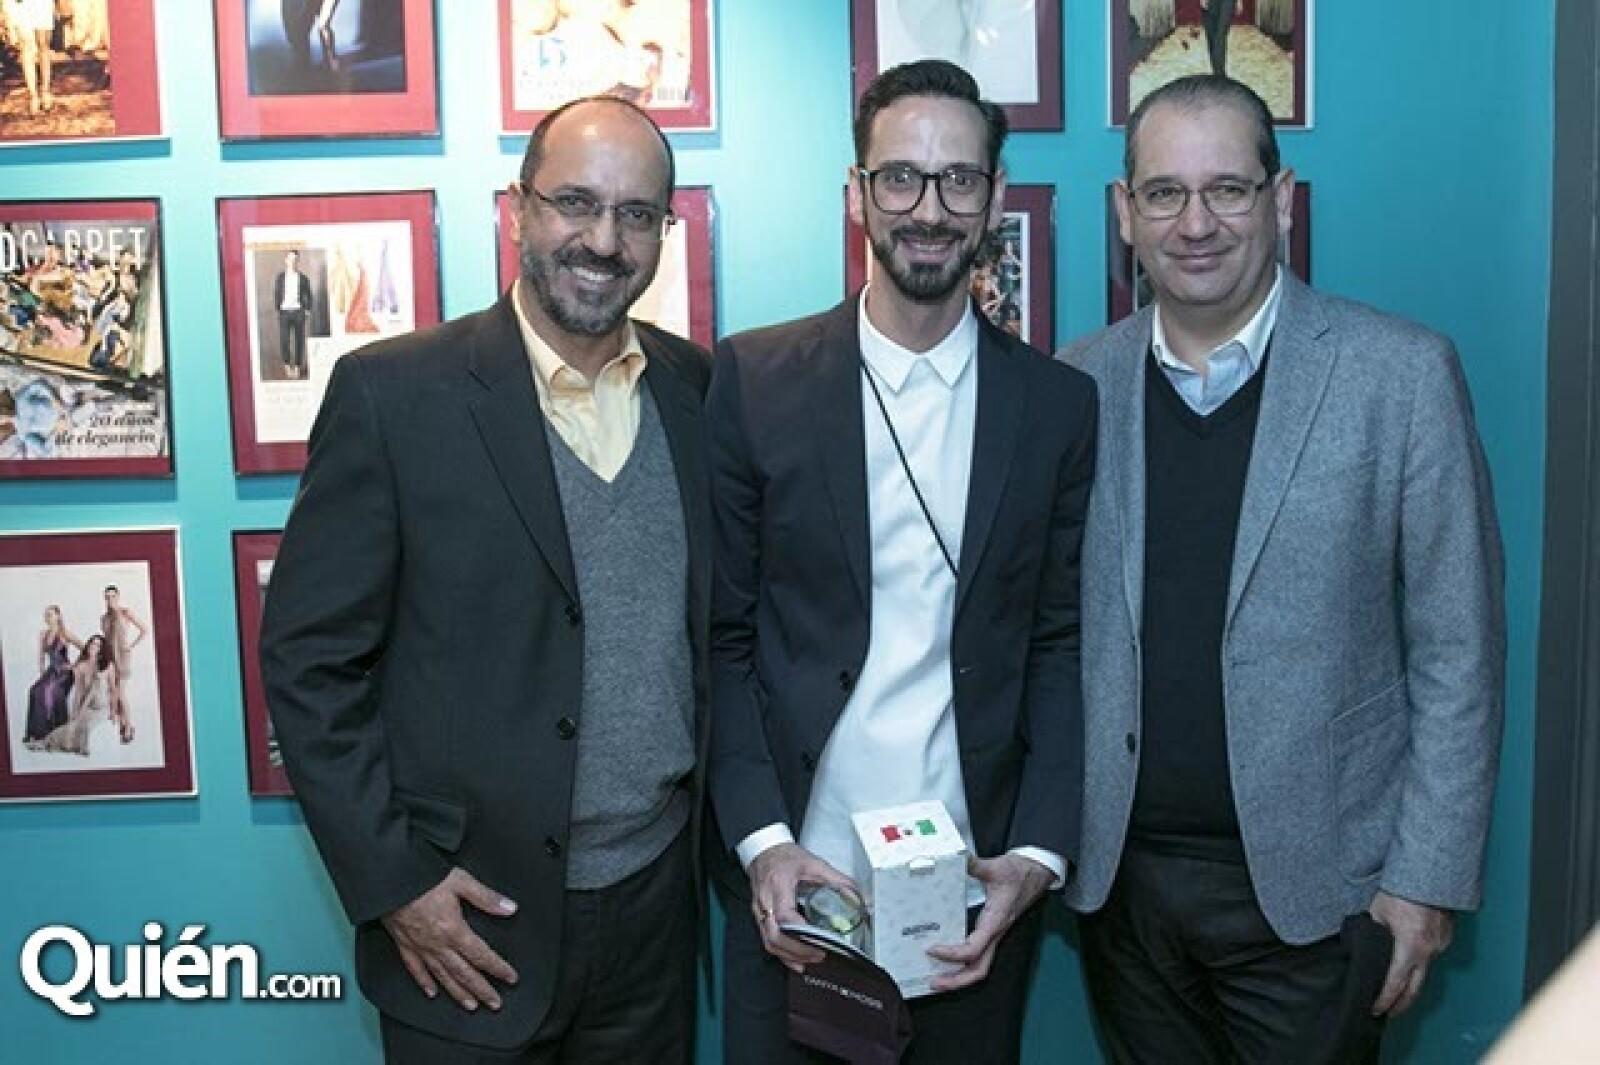 Carlos, Macario y Fernando Jiménez